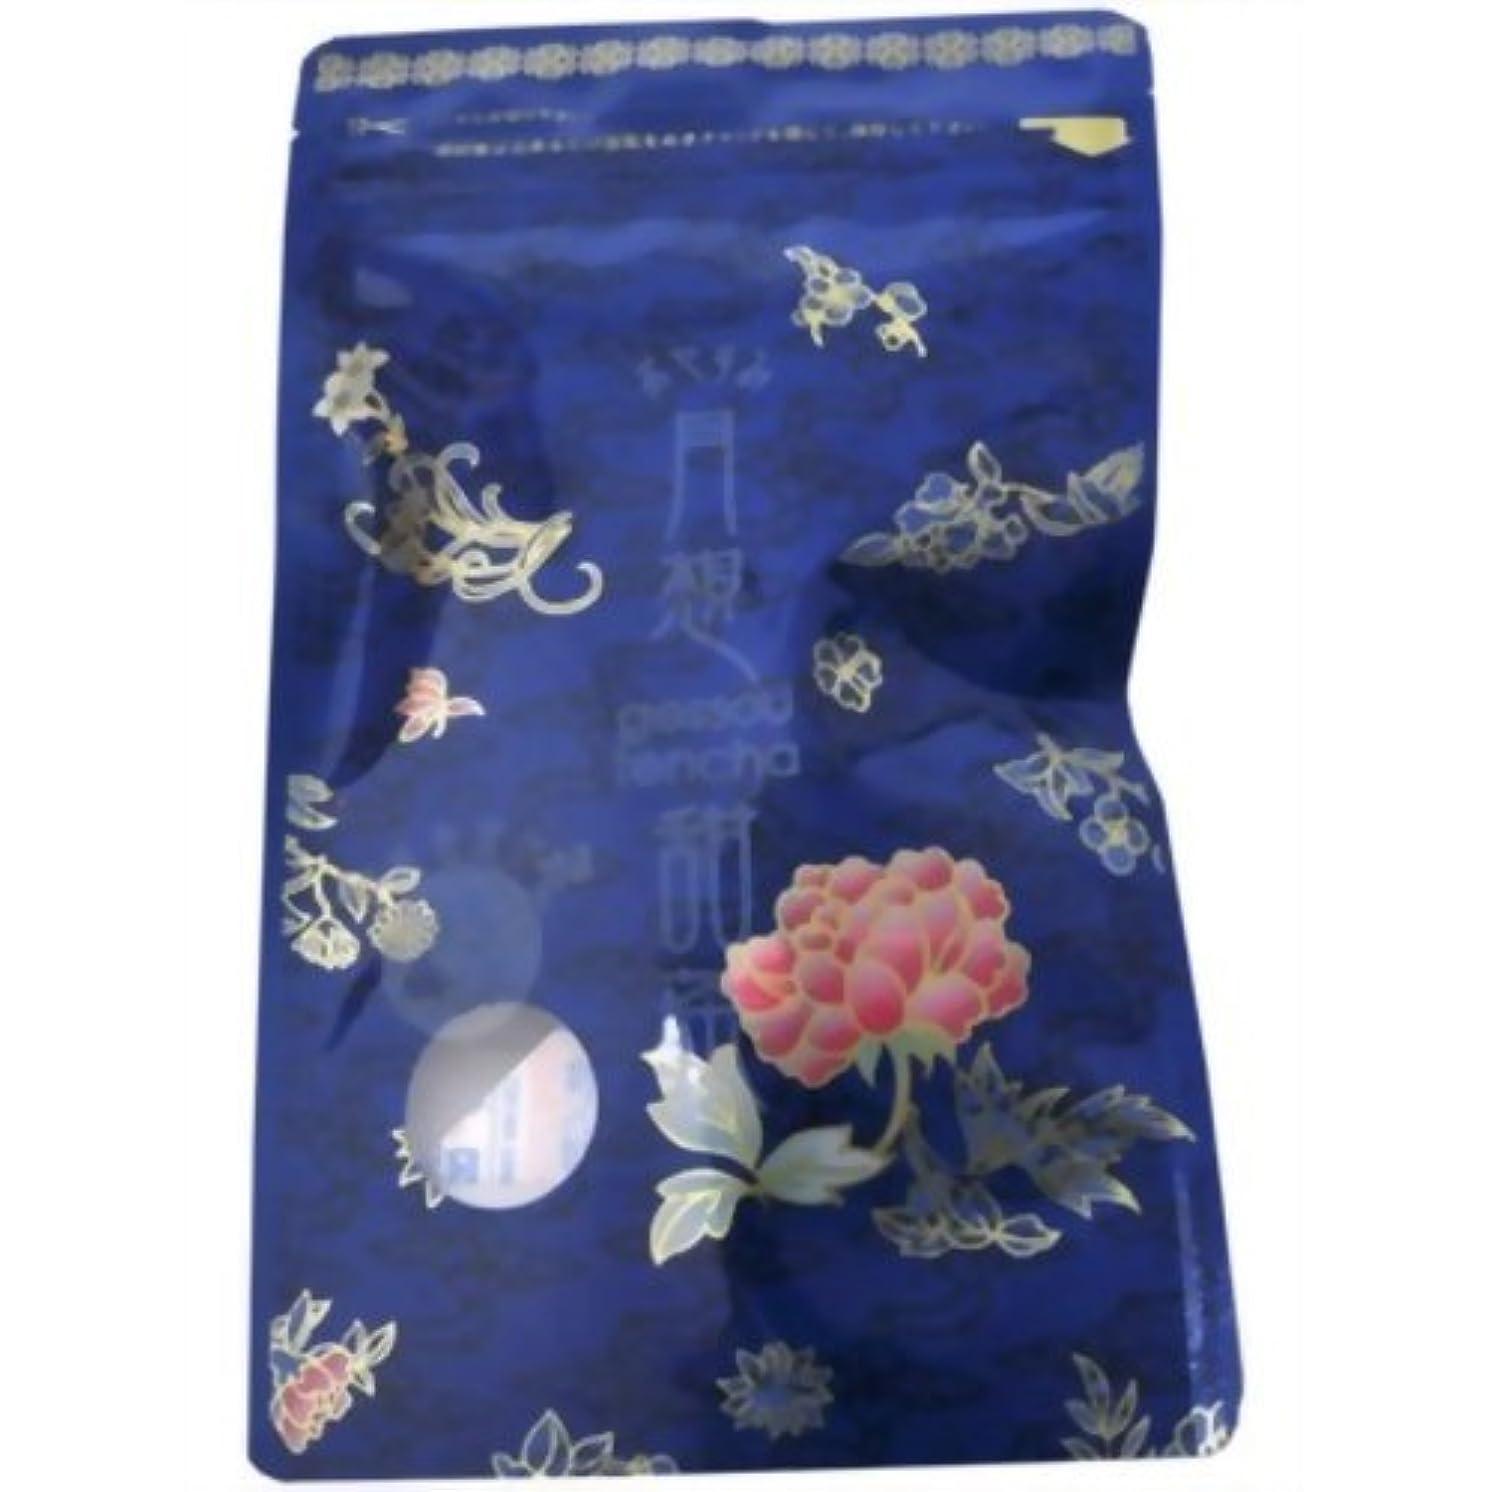 エアコン瞑想アウターおやすみ月想甜茶 1.5gx15袋